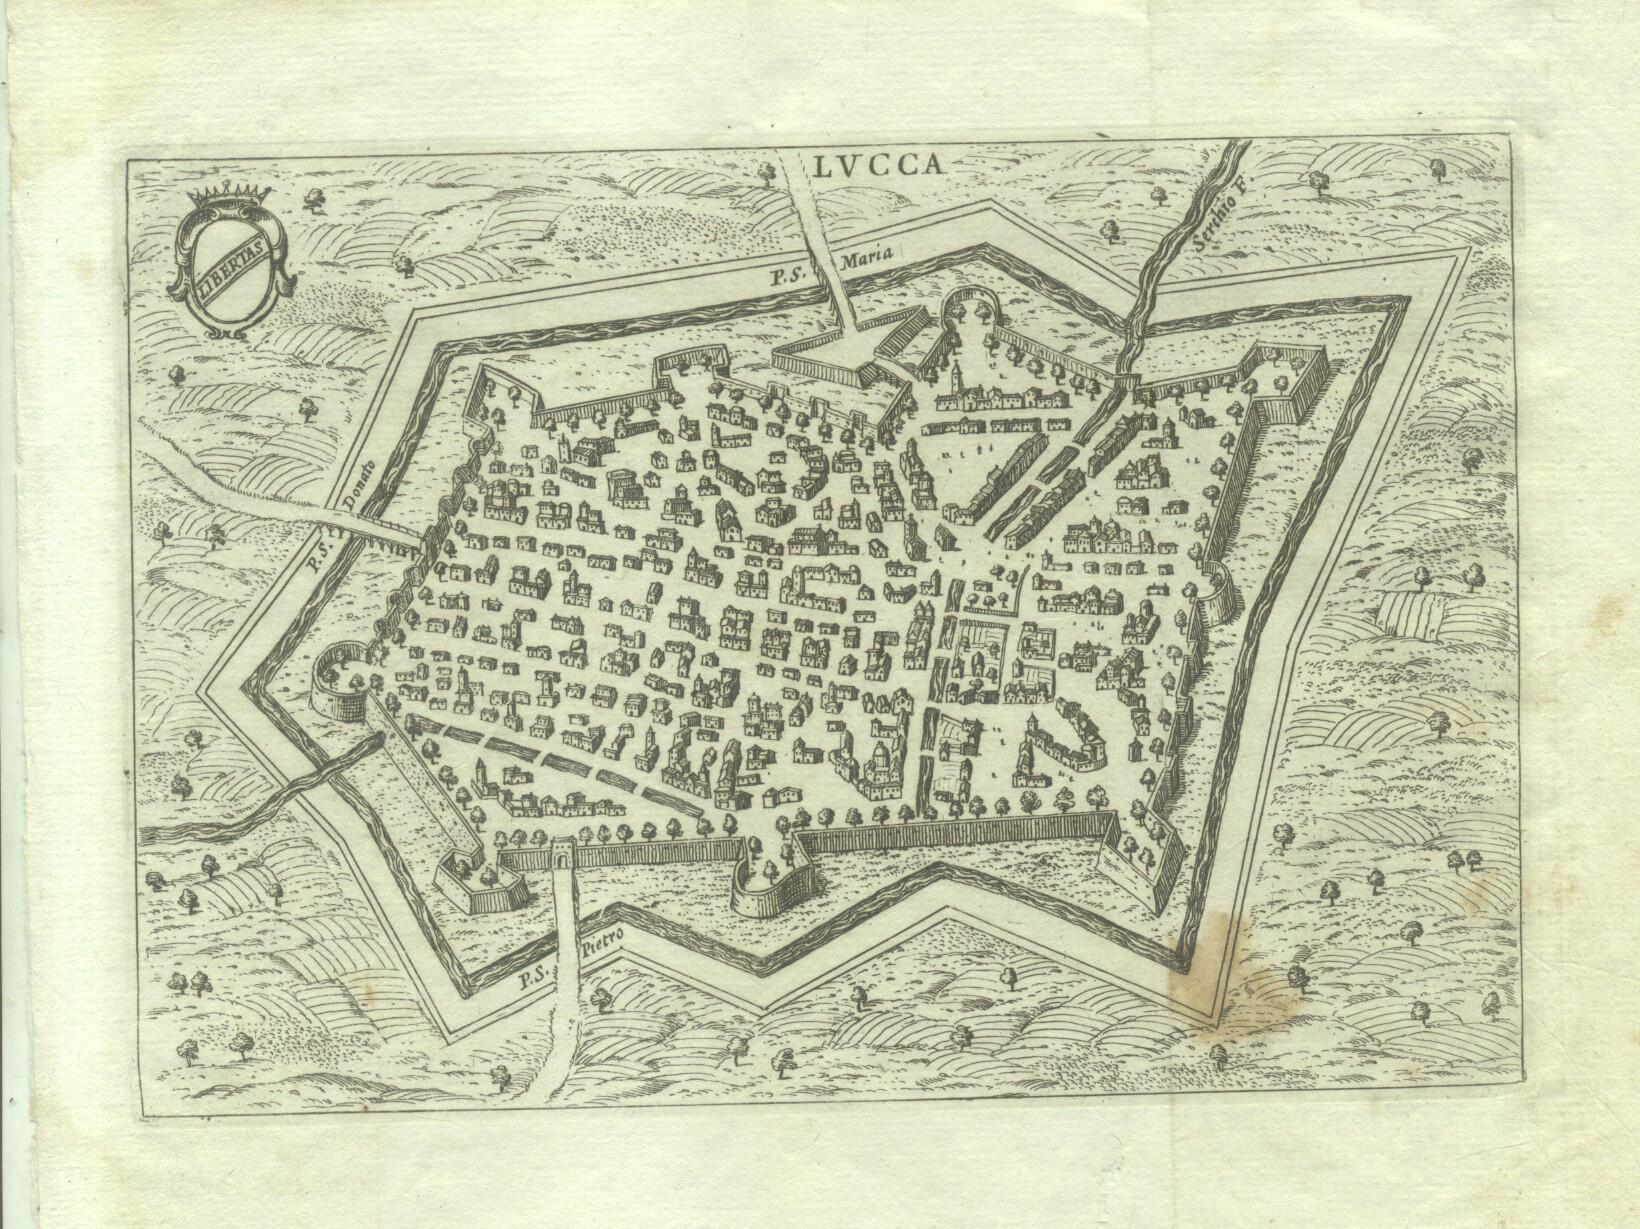 """LUCCA. Pianta assonometrica della città di Lucca, incisa da Mattio Cadorin, tratta da """"..."""